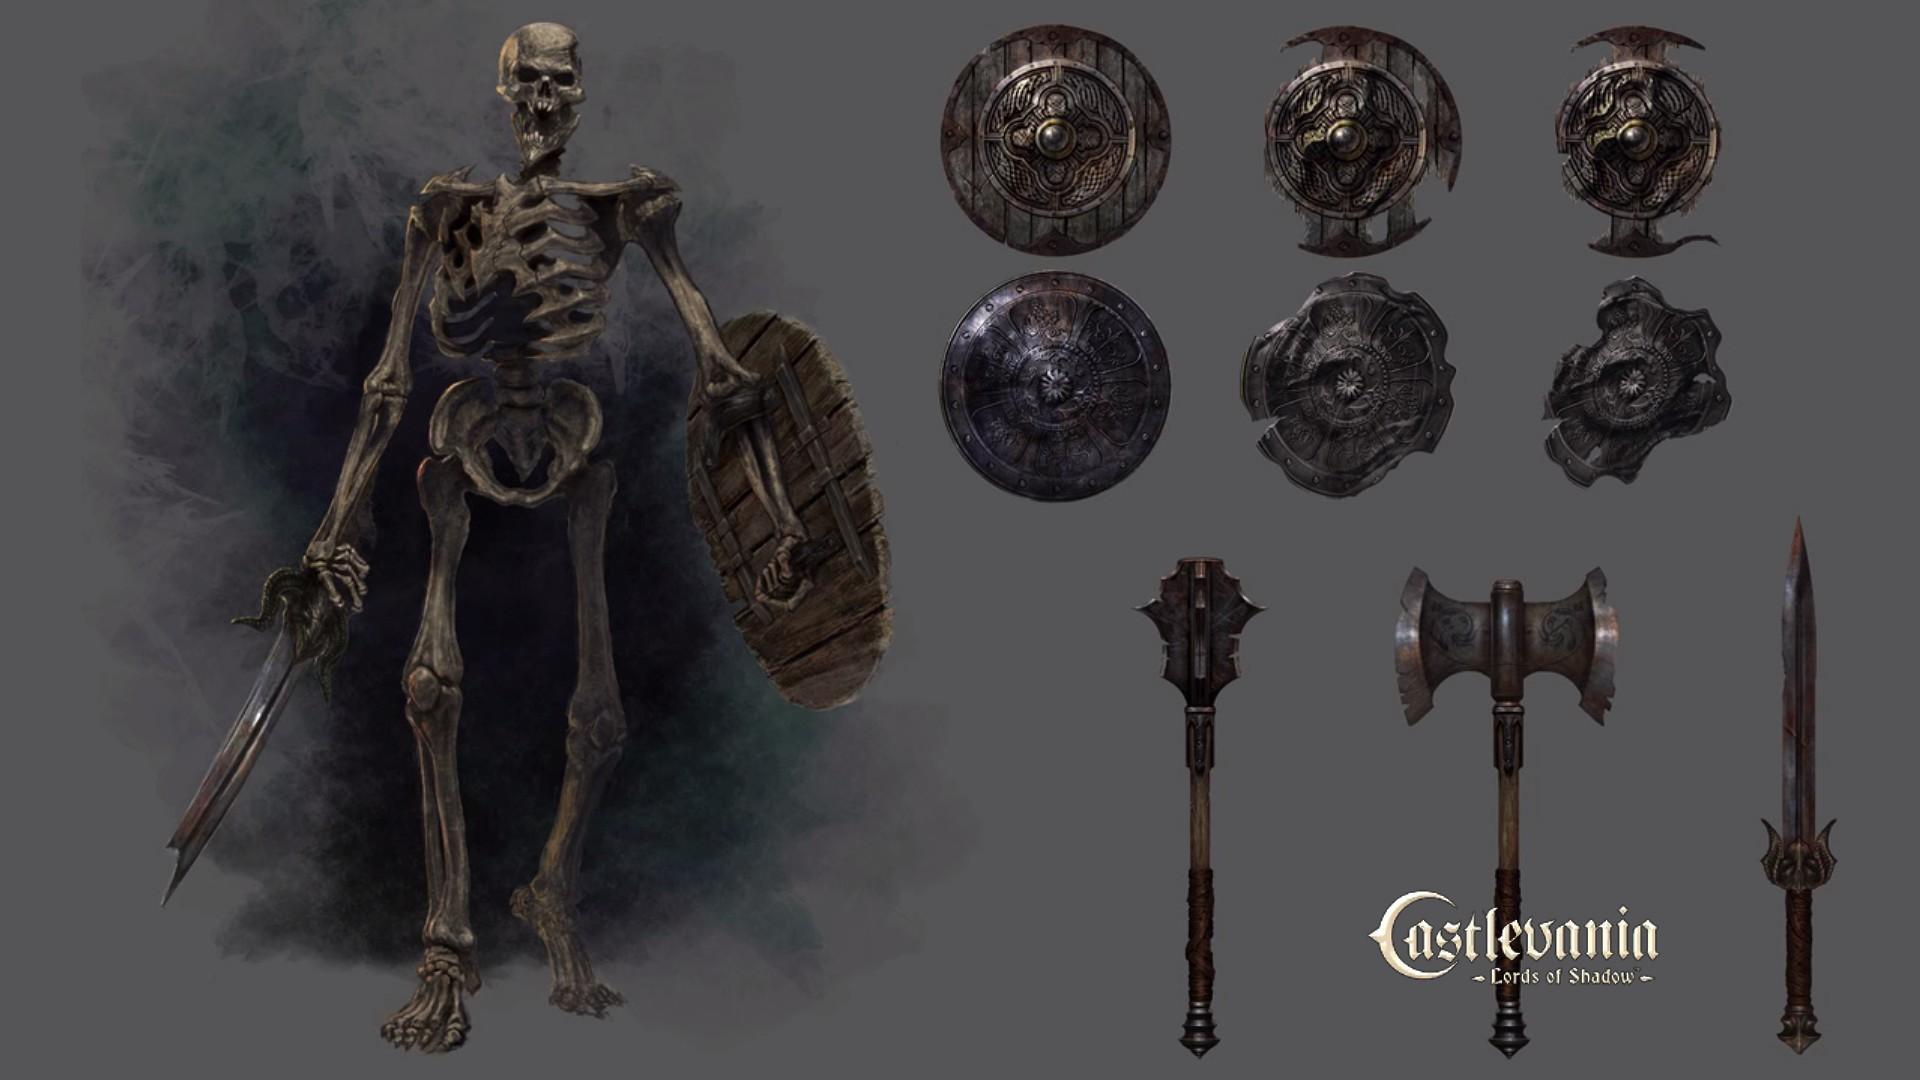 File:SkeletonwarriorcastlevaniaLOS.jpg